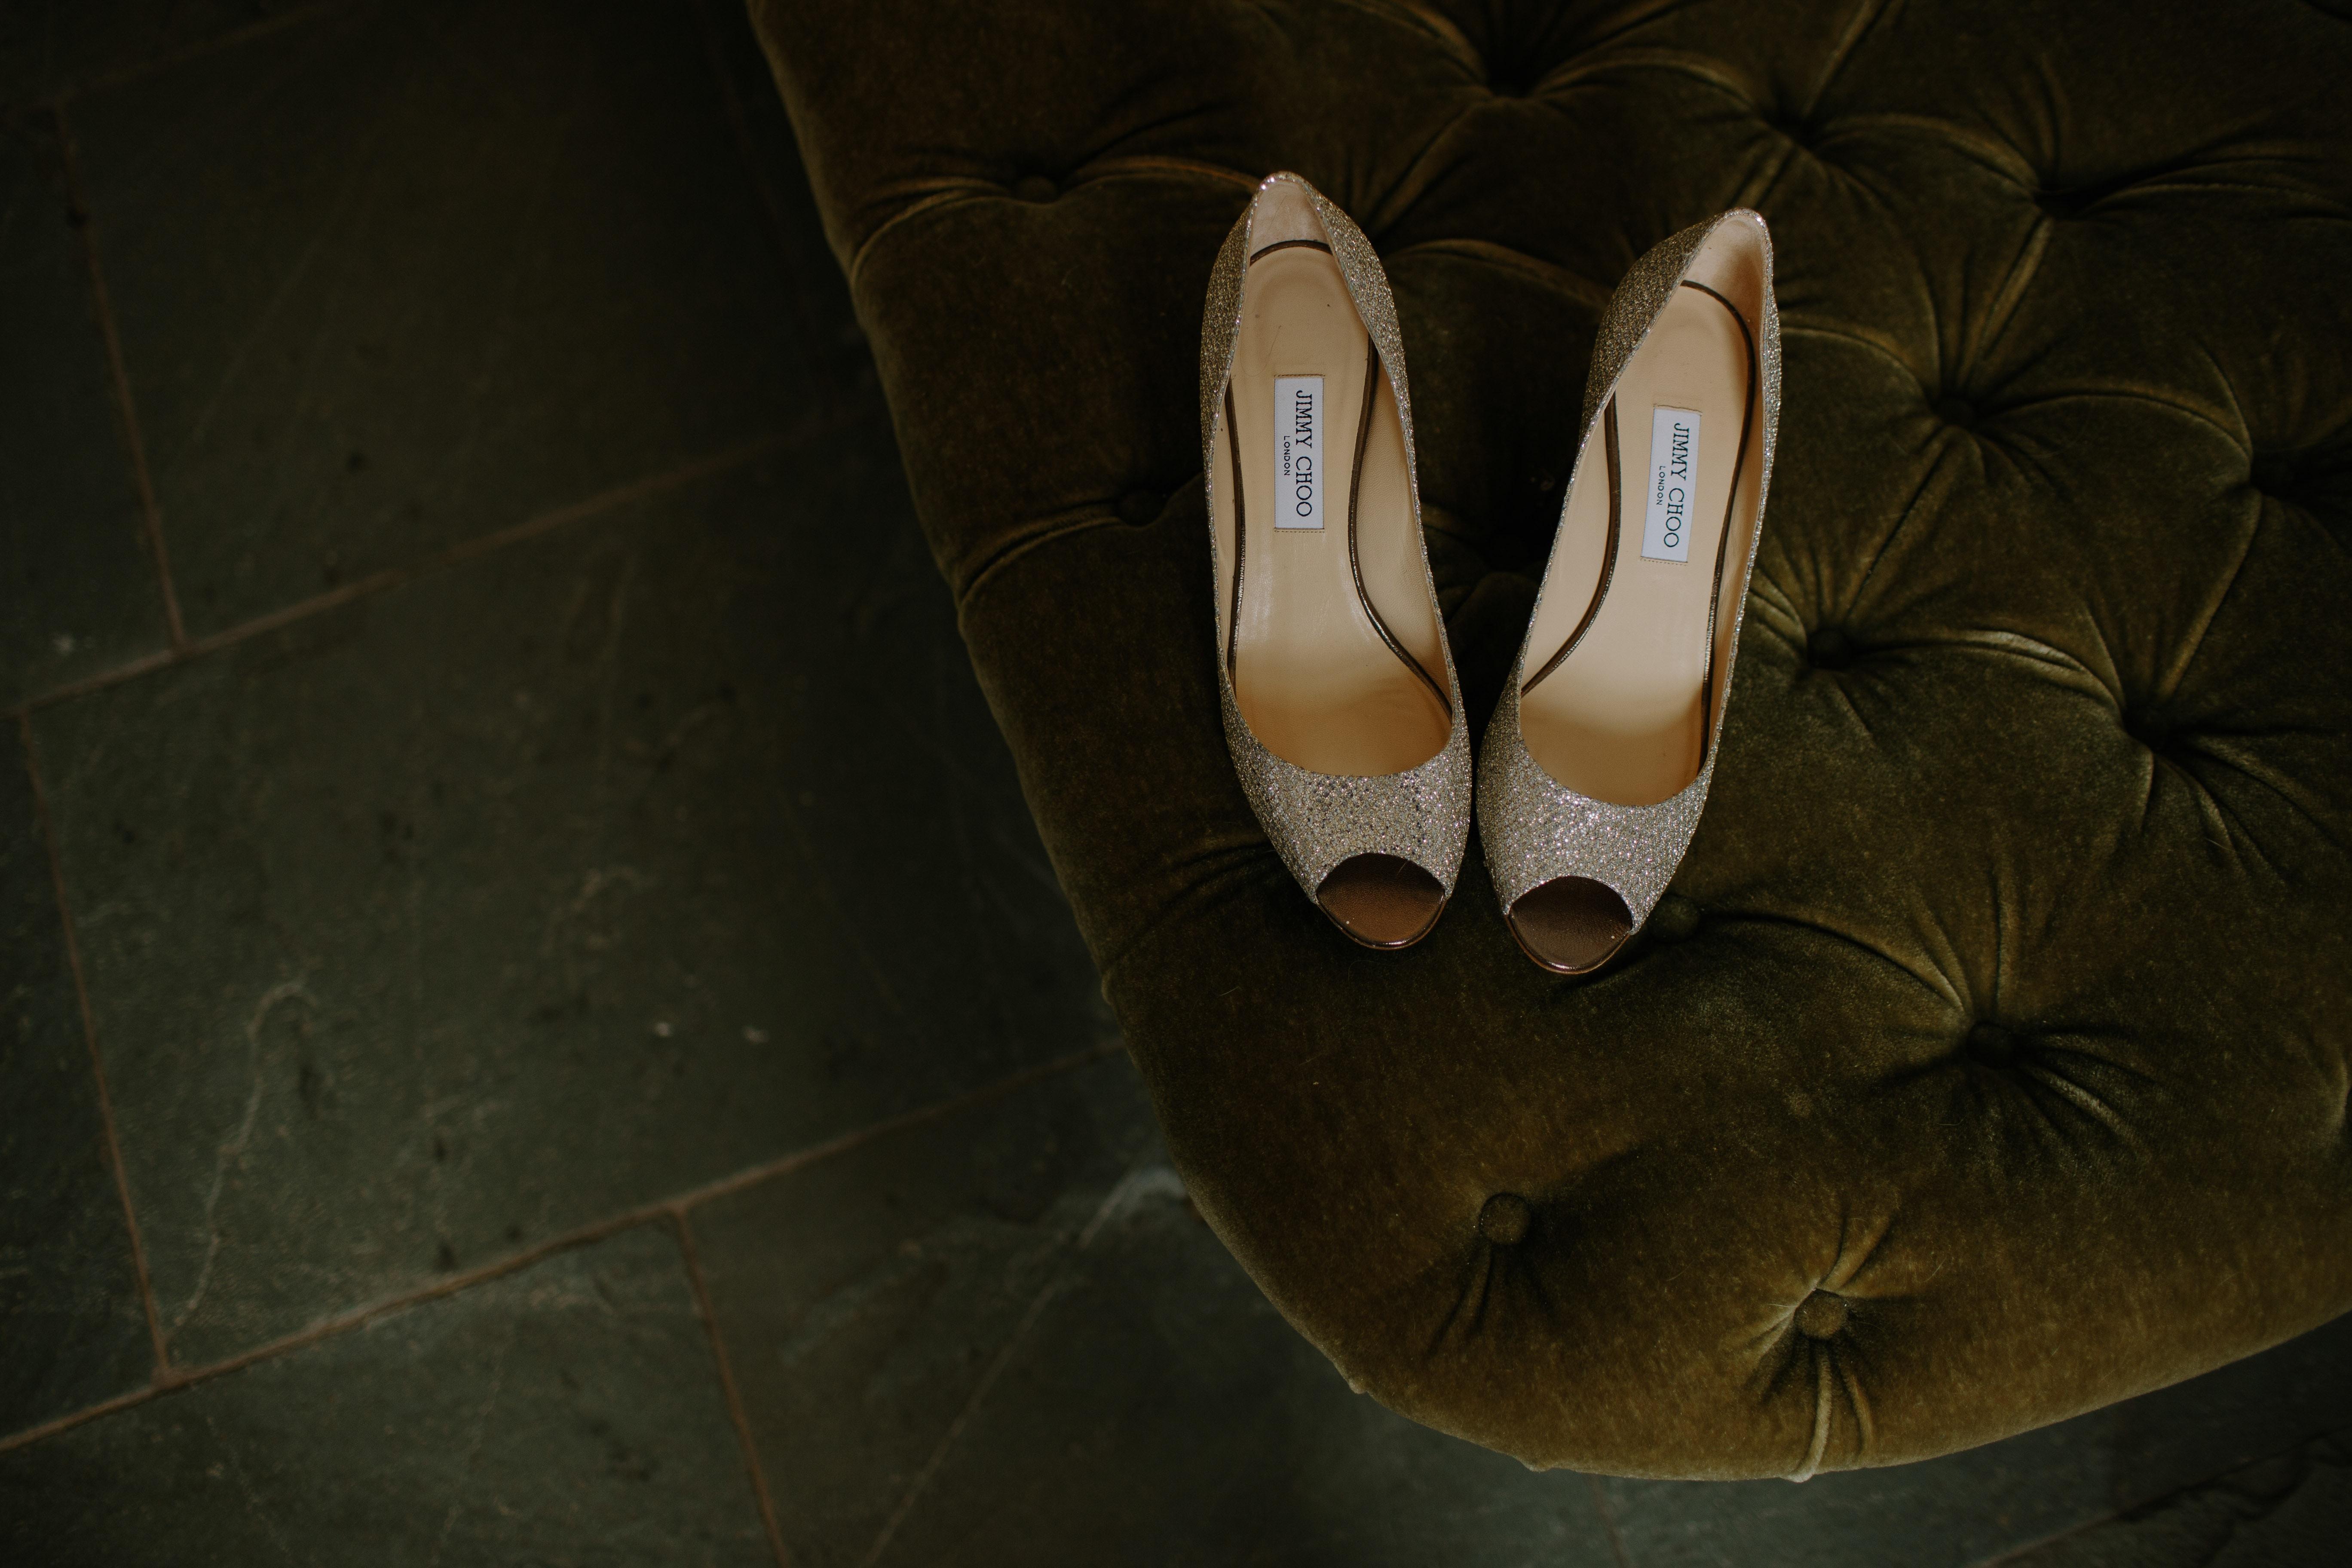 Zapatos de novia. Foto de Tom The Photographer